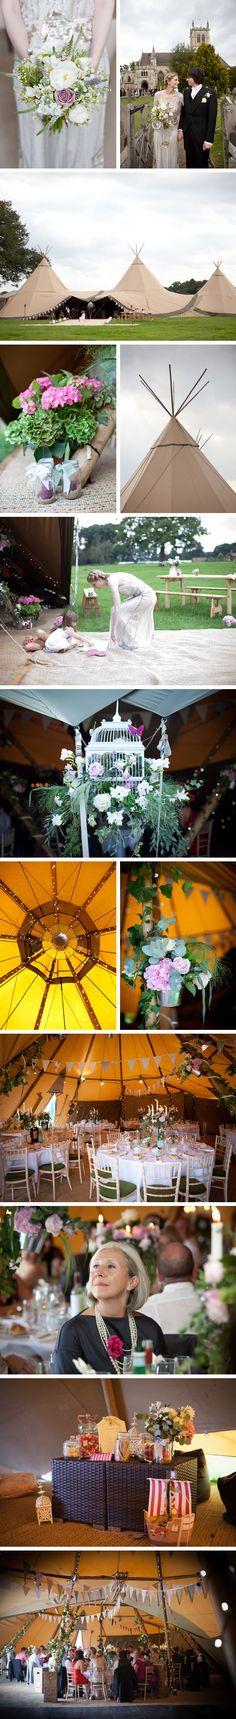 Wedding Tents & Teepees - Charlotte & Jamie   PapaKåta